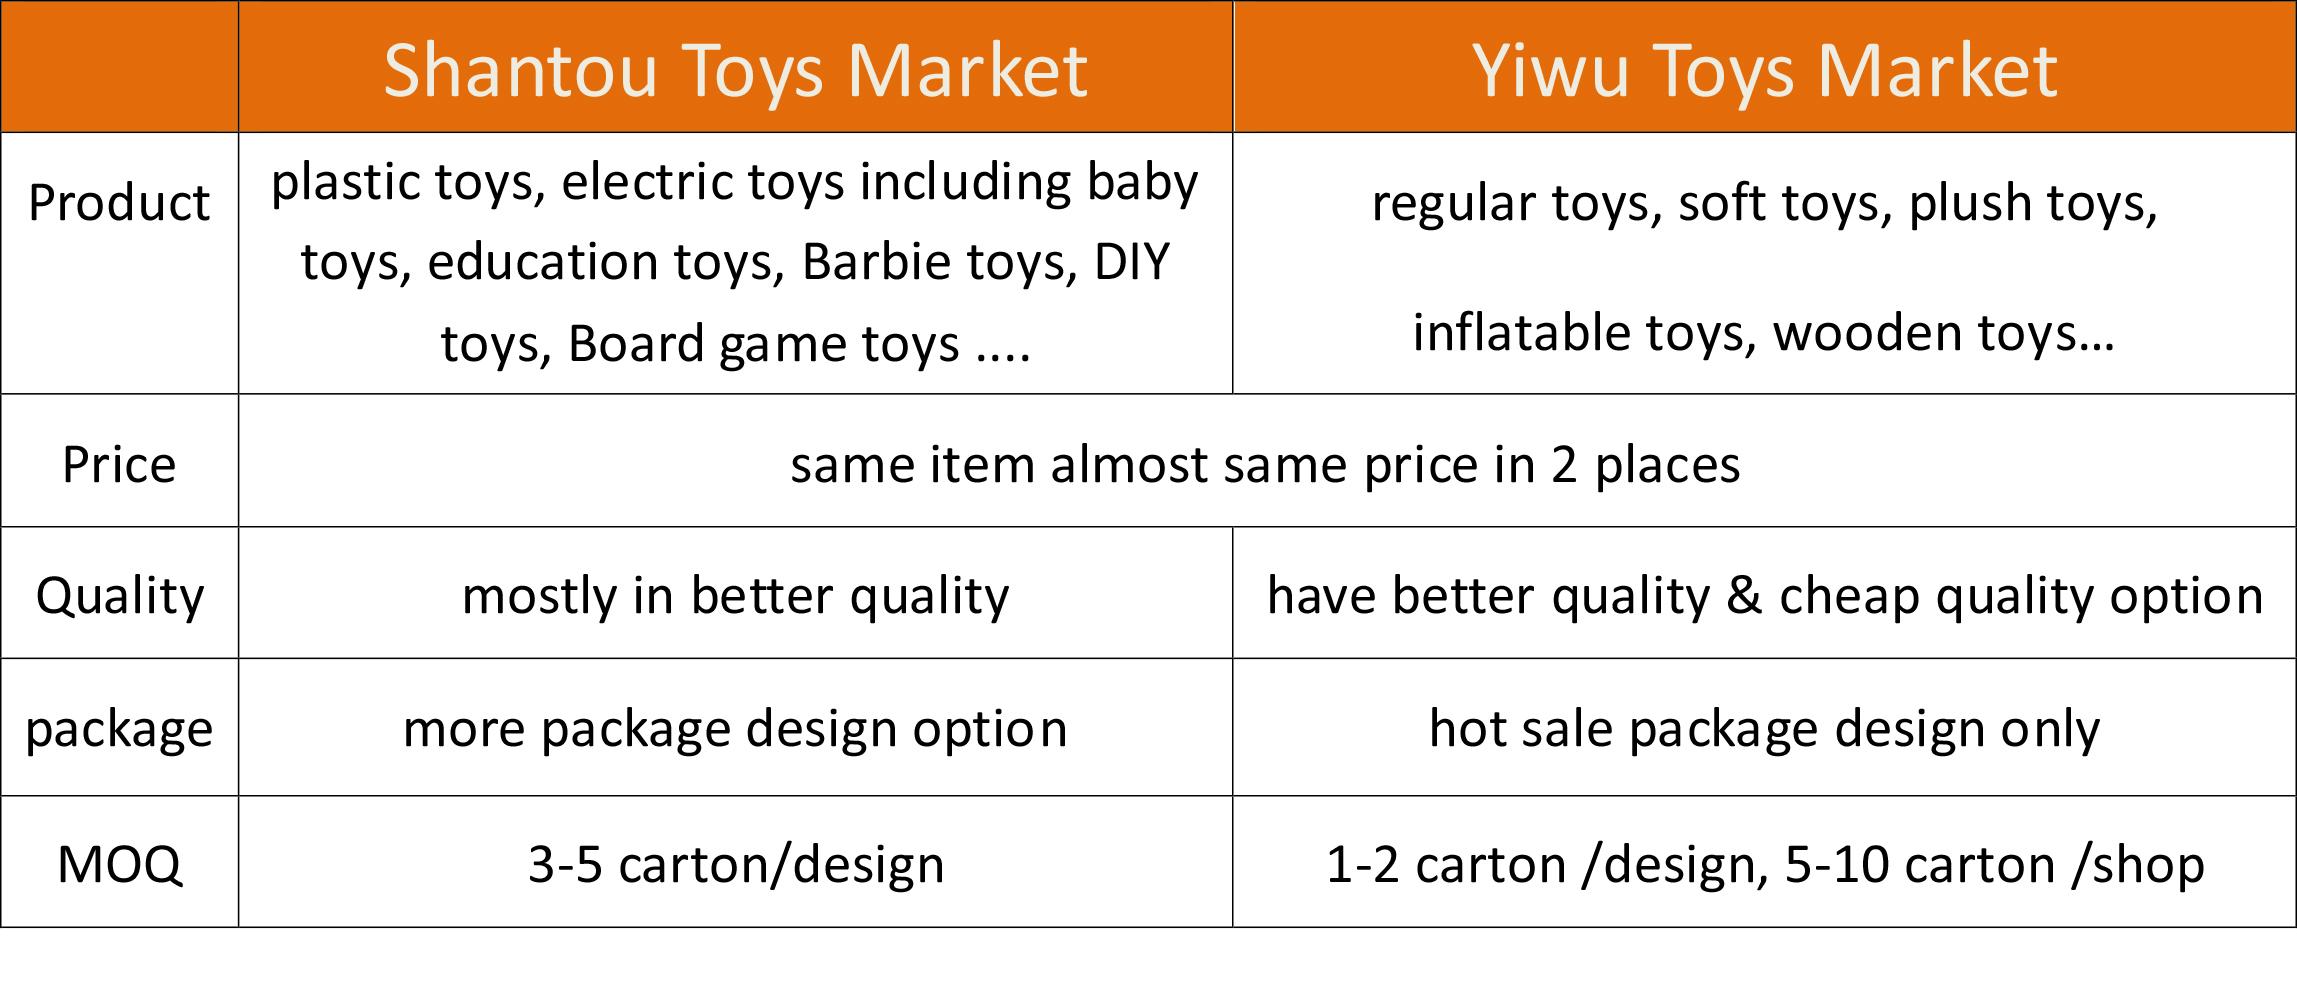 shantou-Toys-VS-Yiwu-Toys